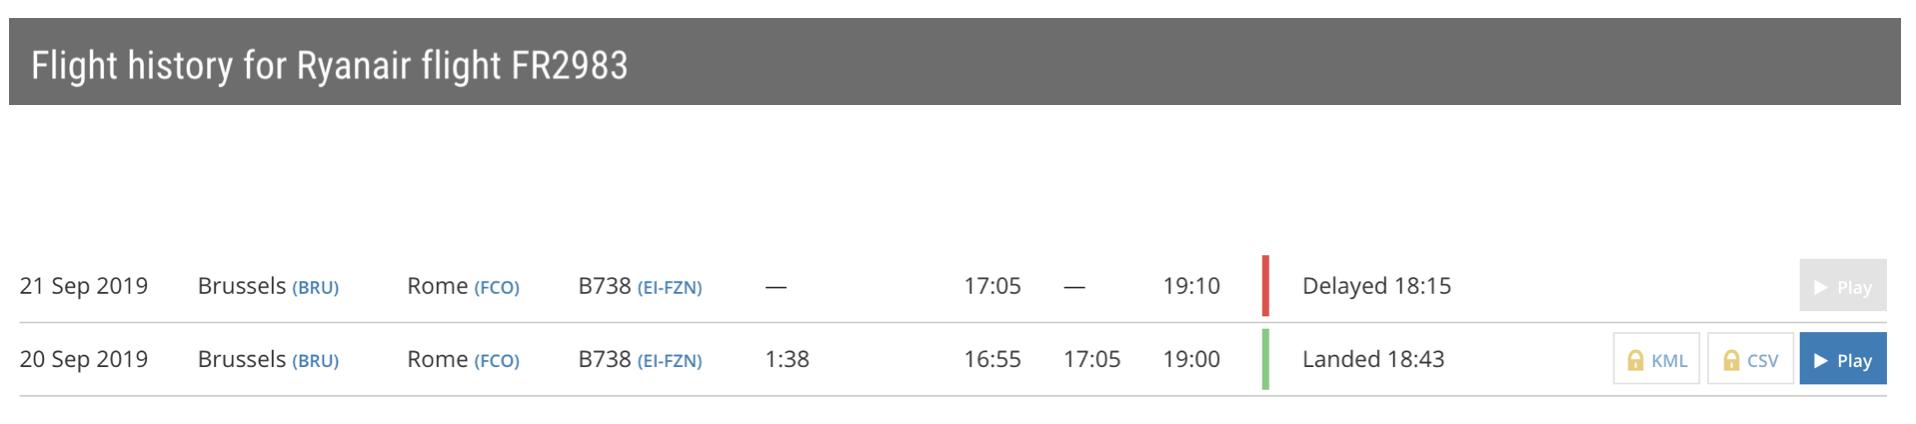 Flight history - Ryanair flight